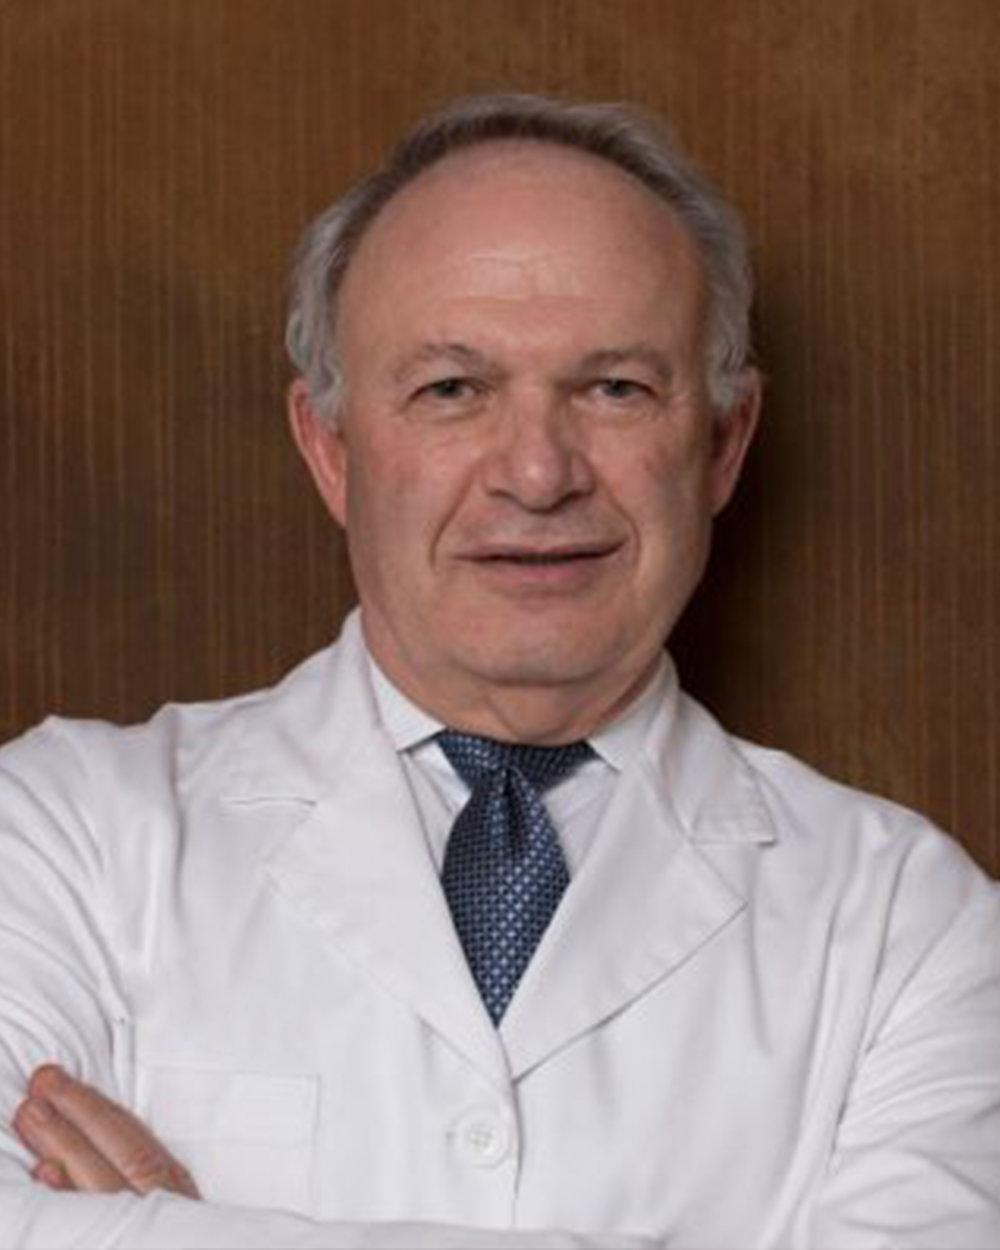 dr fiener.jpg